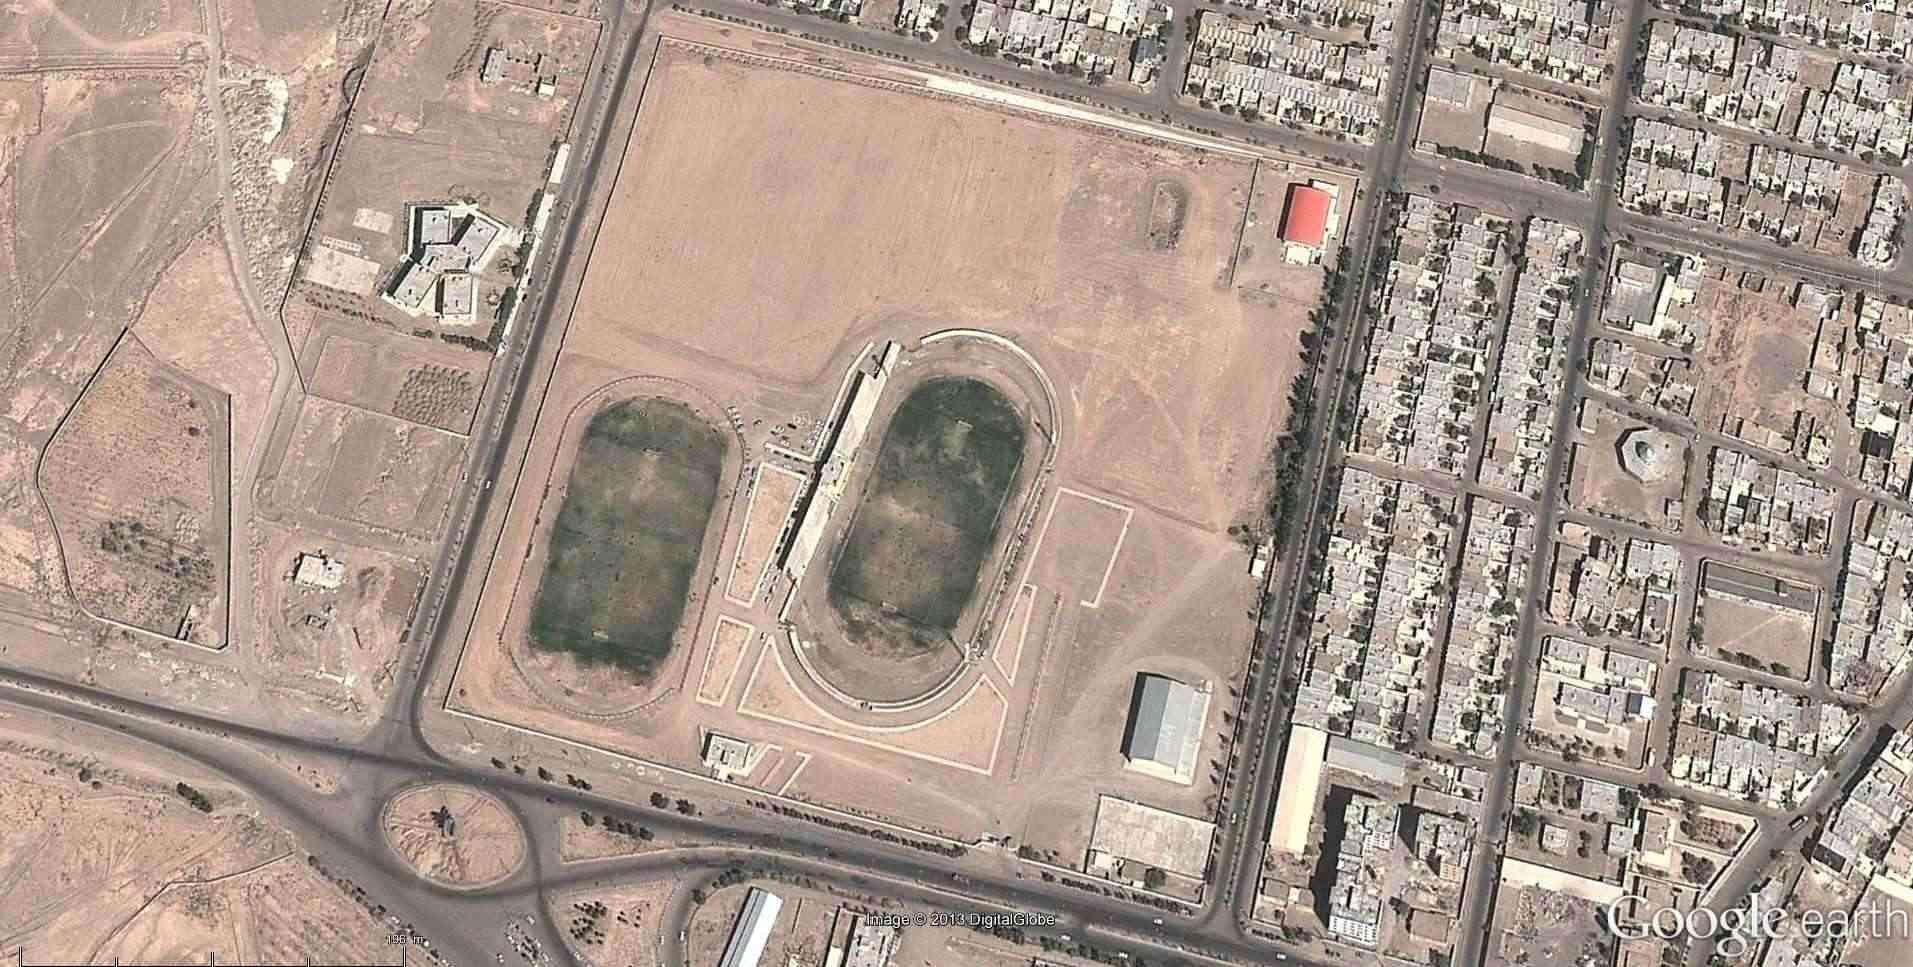 Fêtes, concerts et autres attroupements sur Google Earth  - Page 2 2013-127